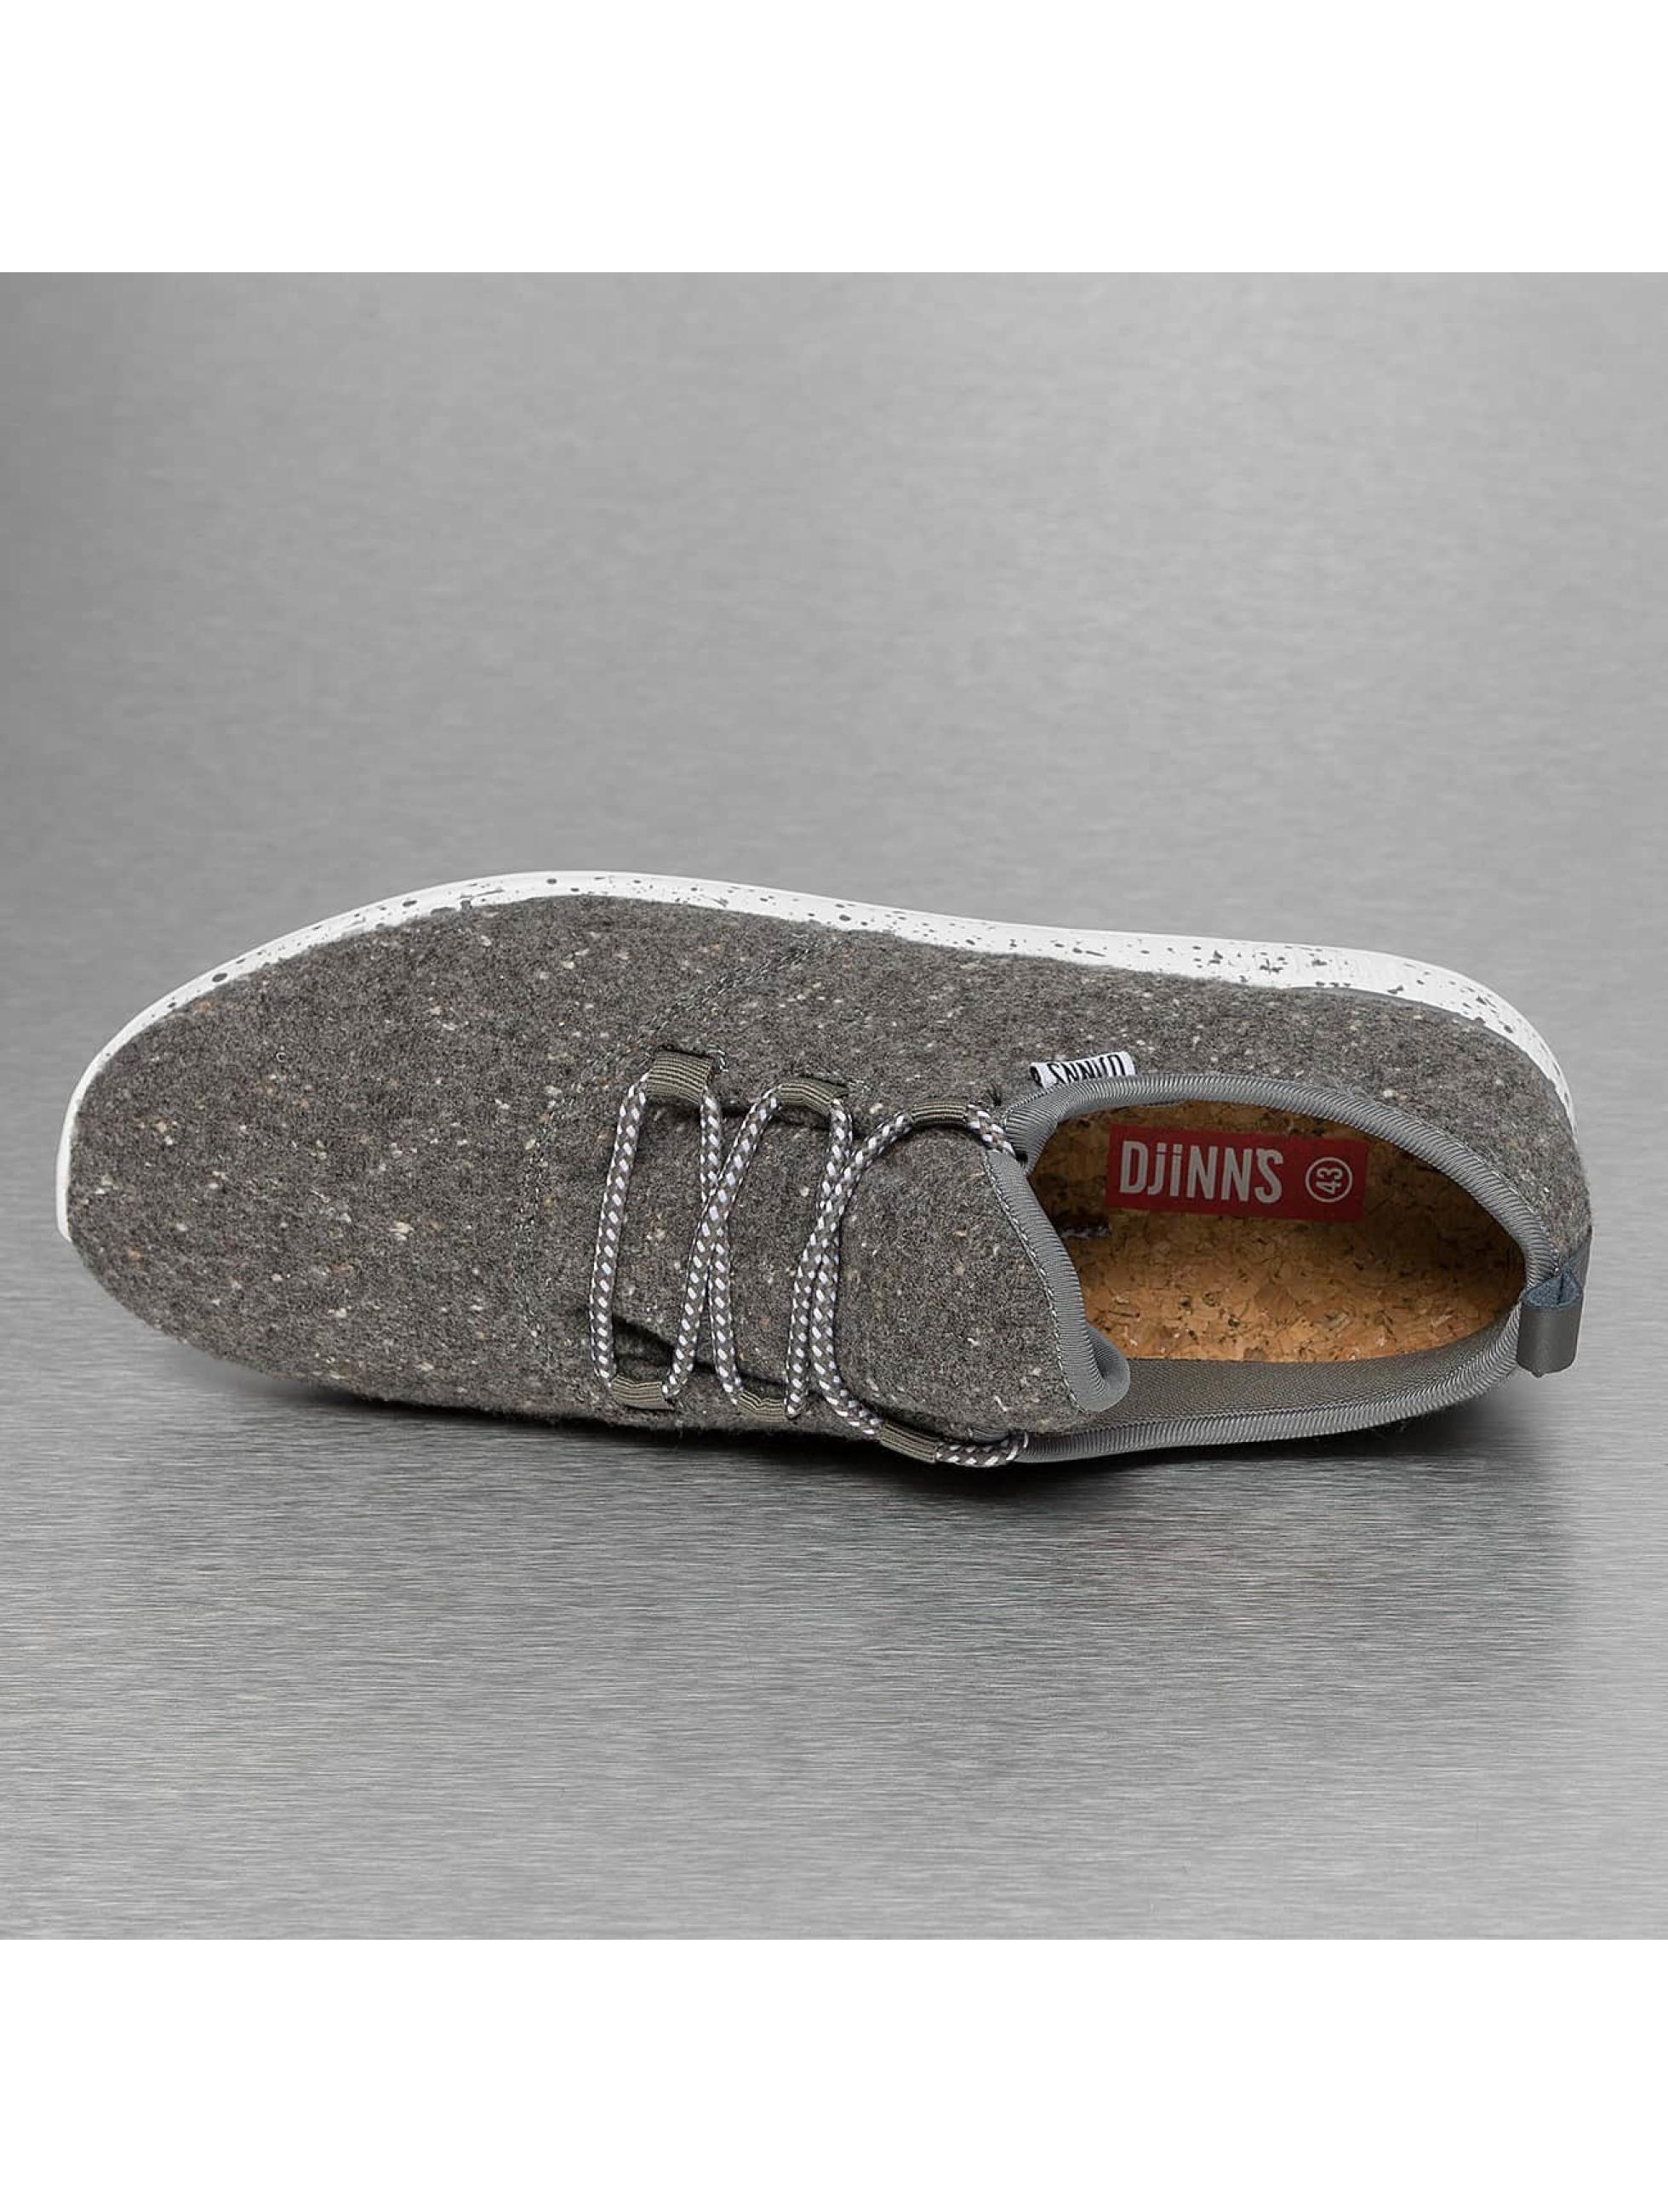 Djinns sneaker Moc Lau Spots grijs